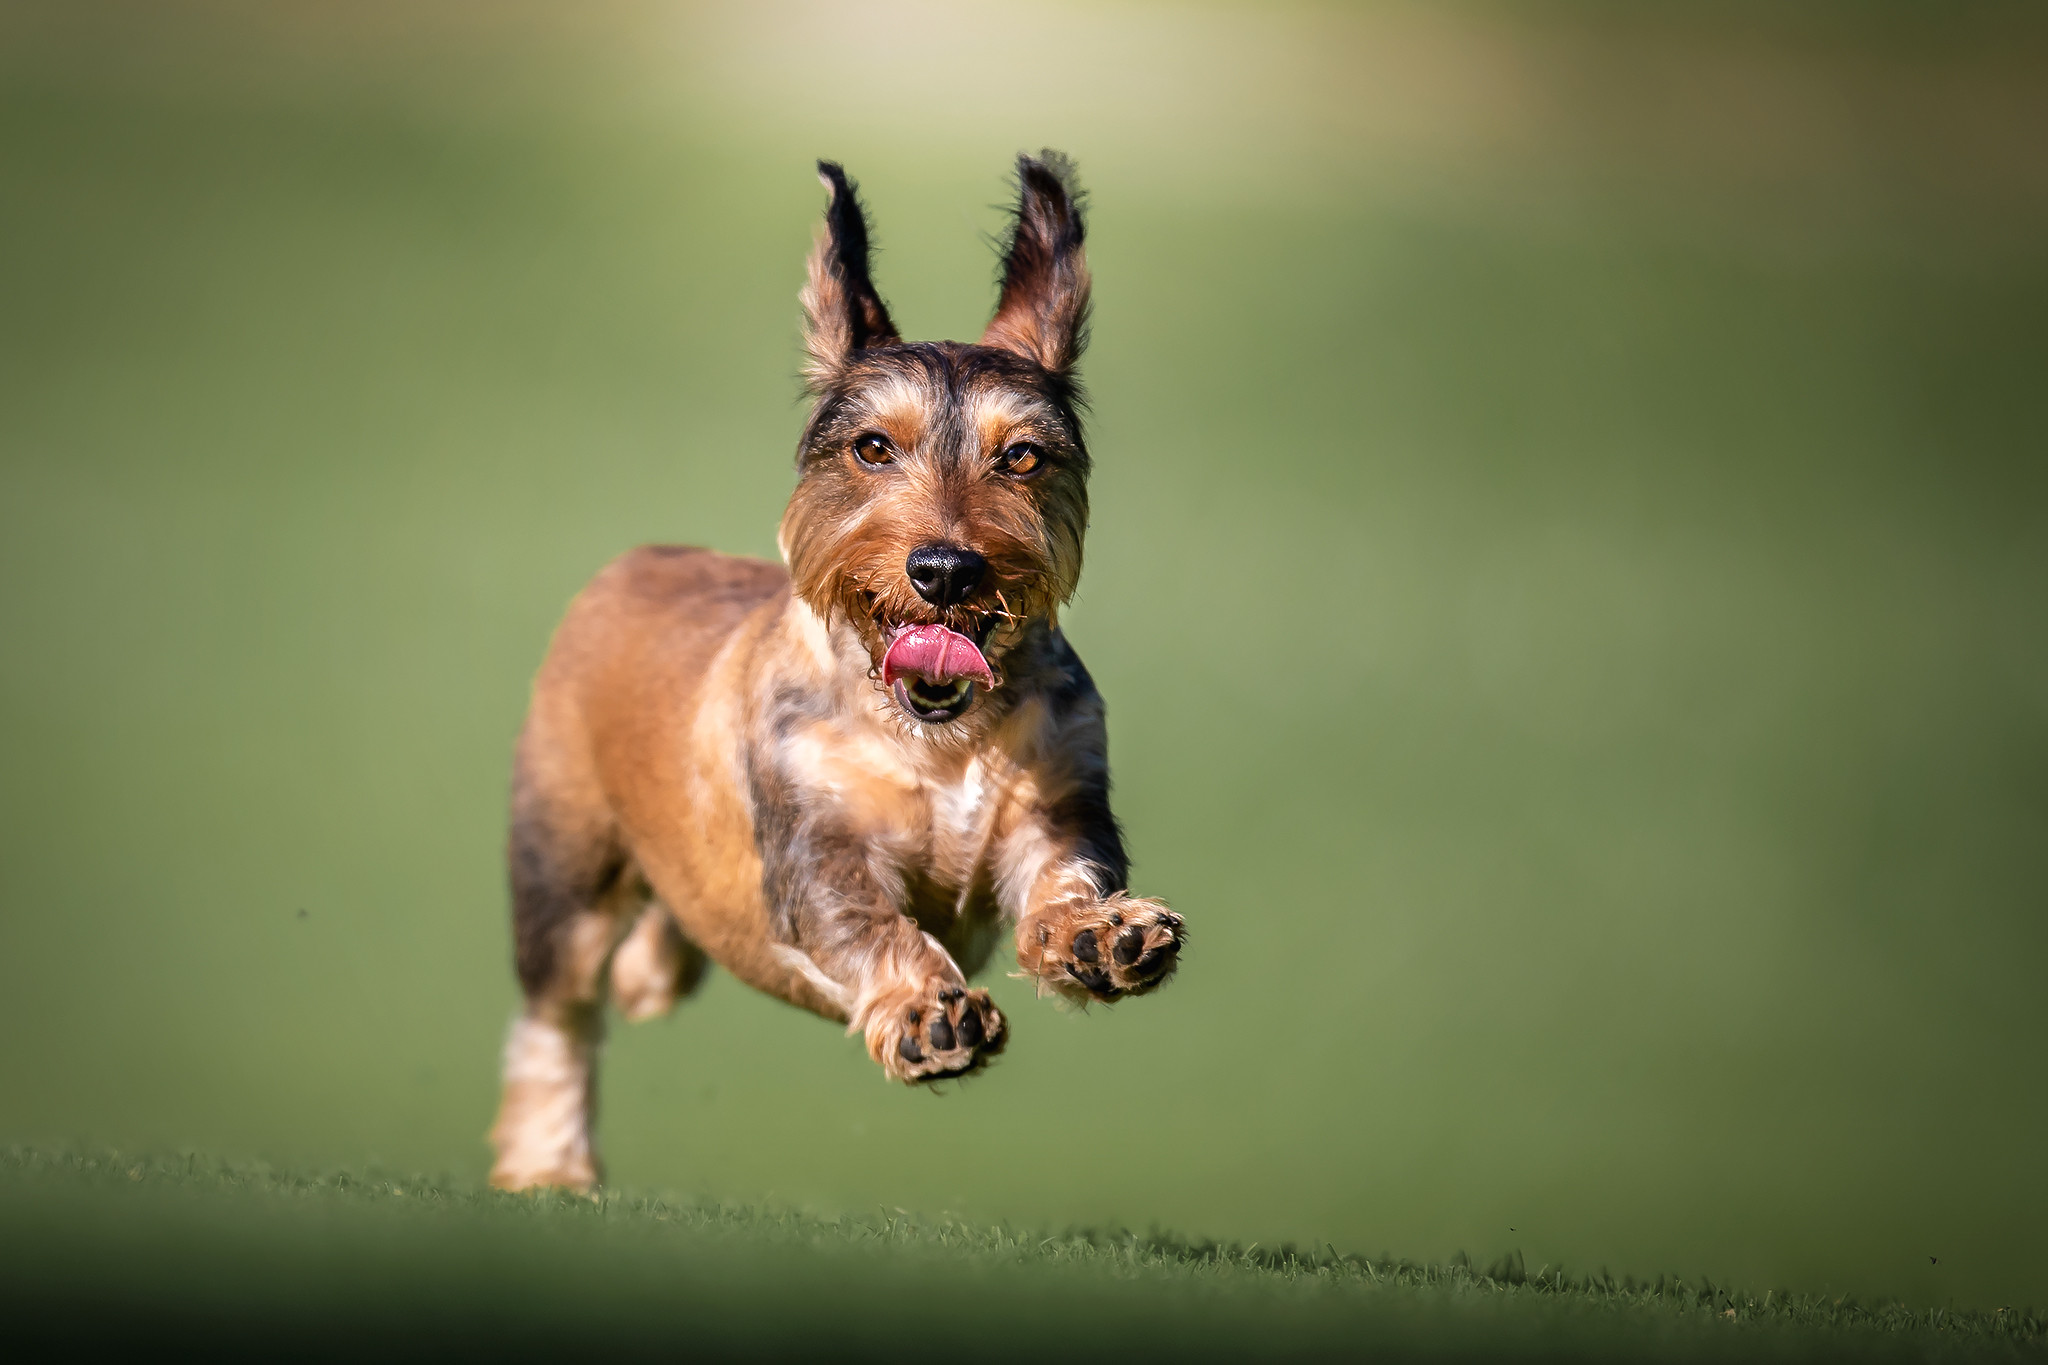 Servizio fotografico per il tuo cane